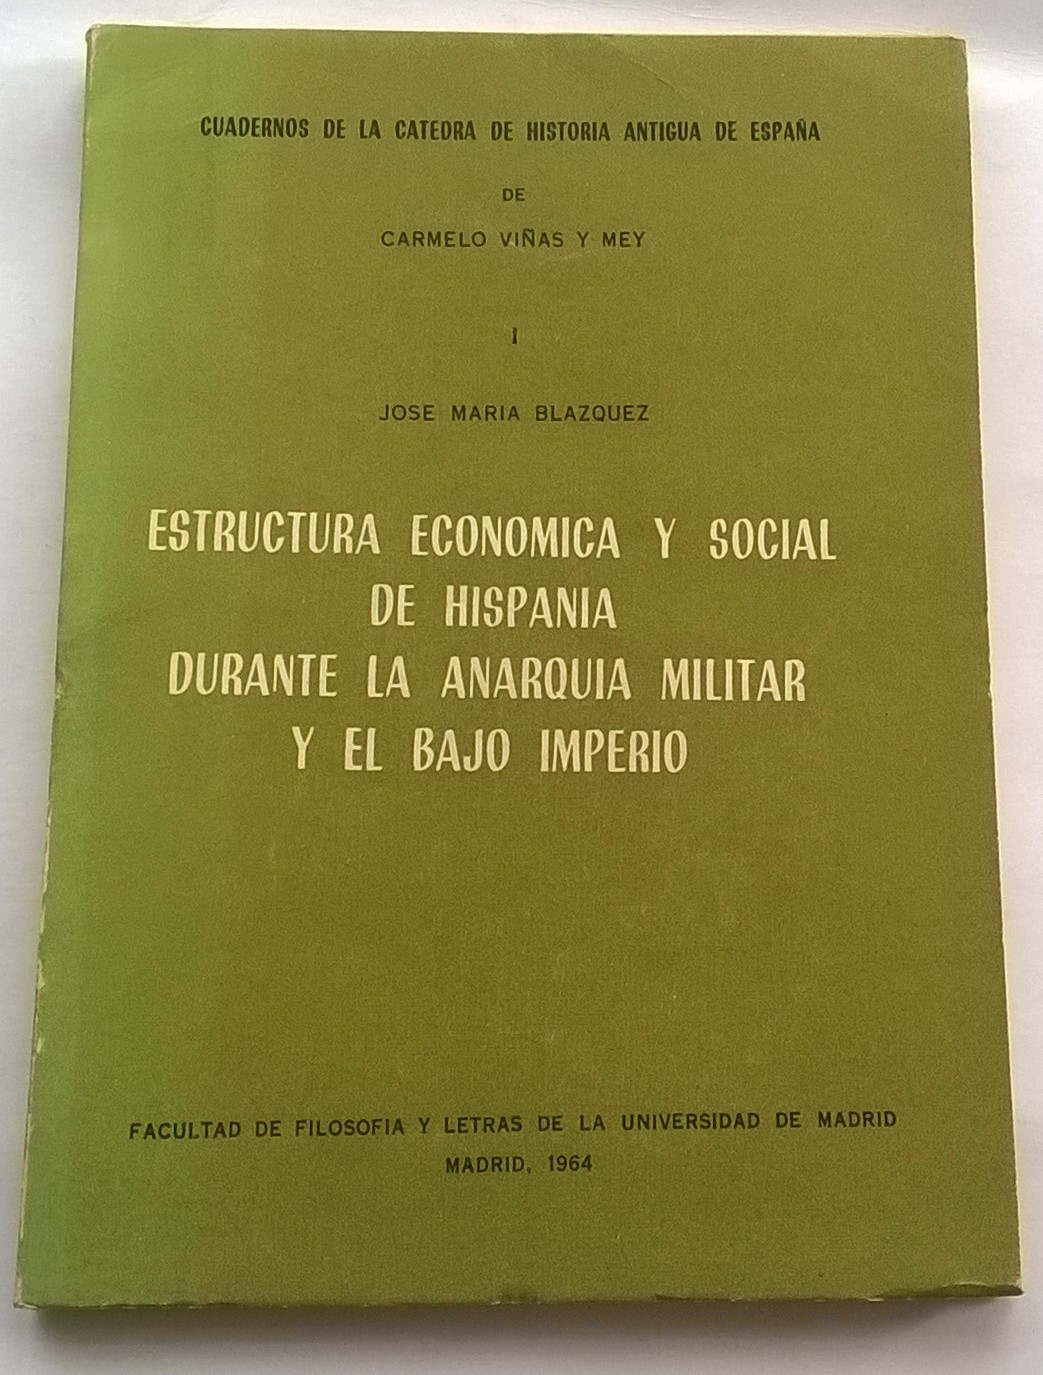 Estructura economica y social de hispania durante la anarquia militar y el bajo imperio :